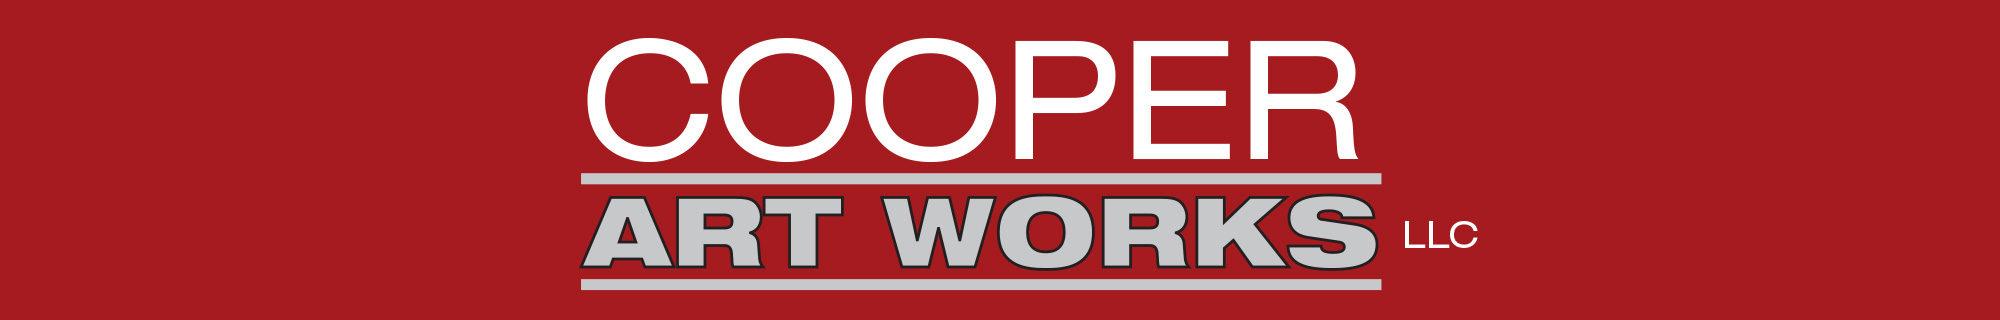 Cooper Art Works, LLC